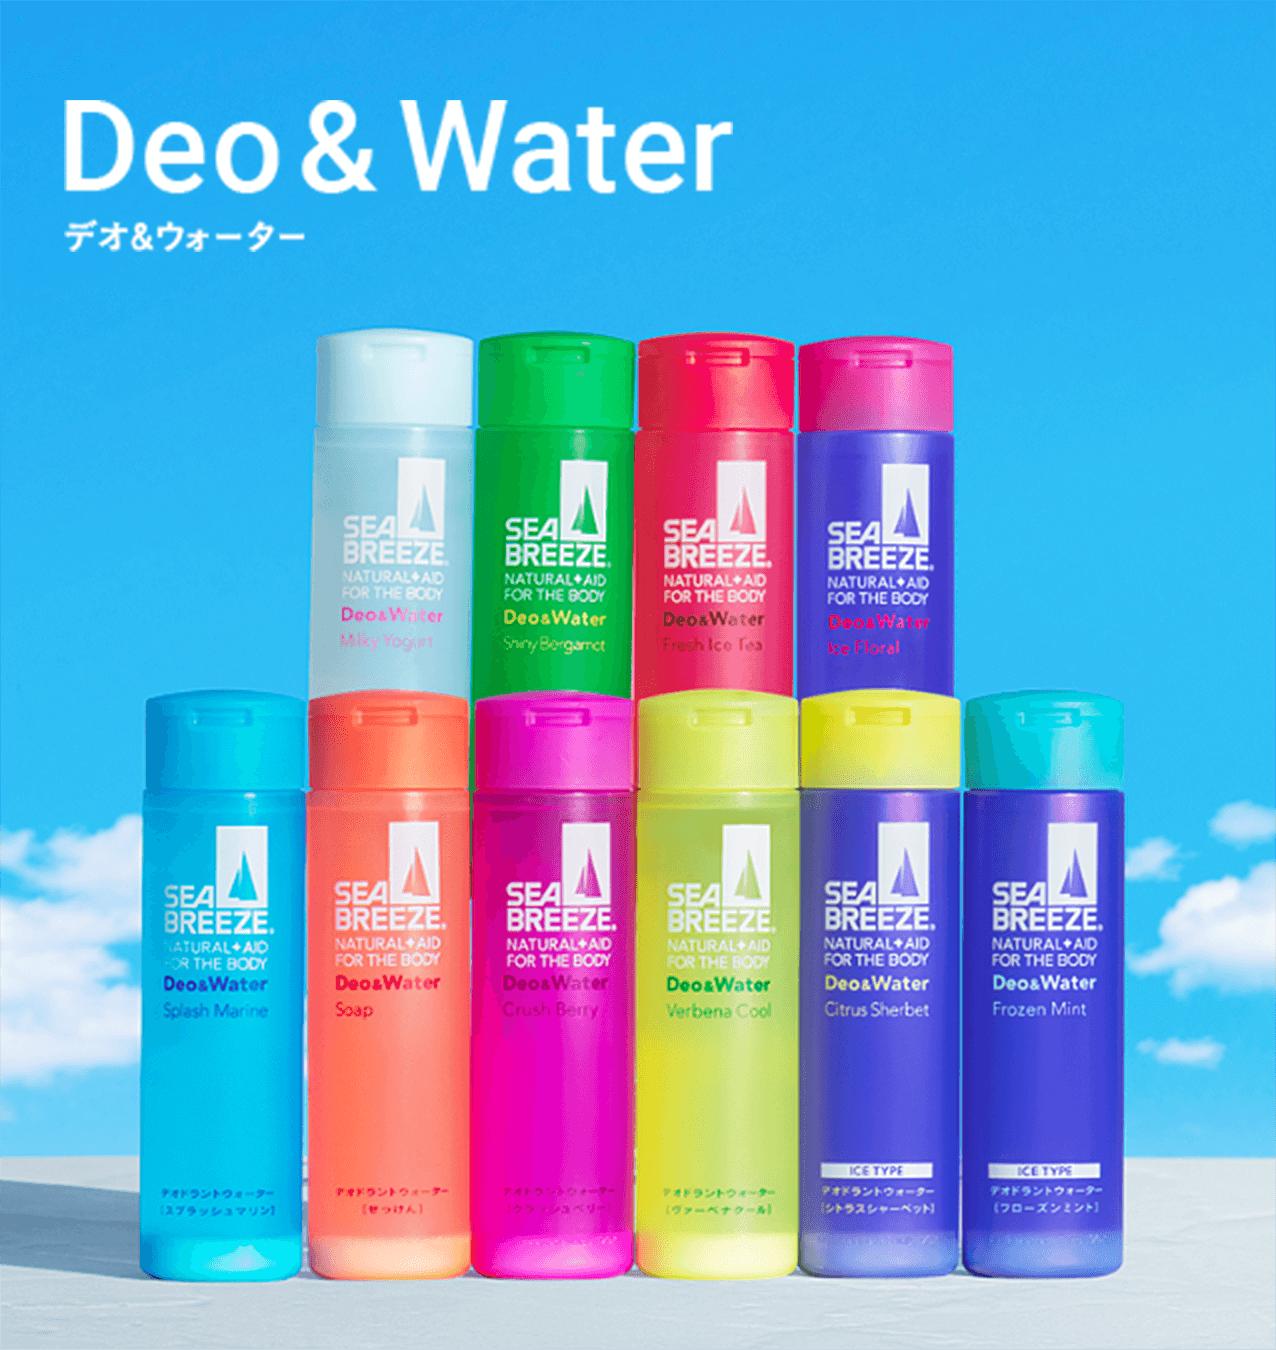 Deo&Water デオ&ウォーター